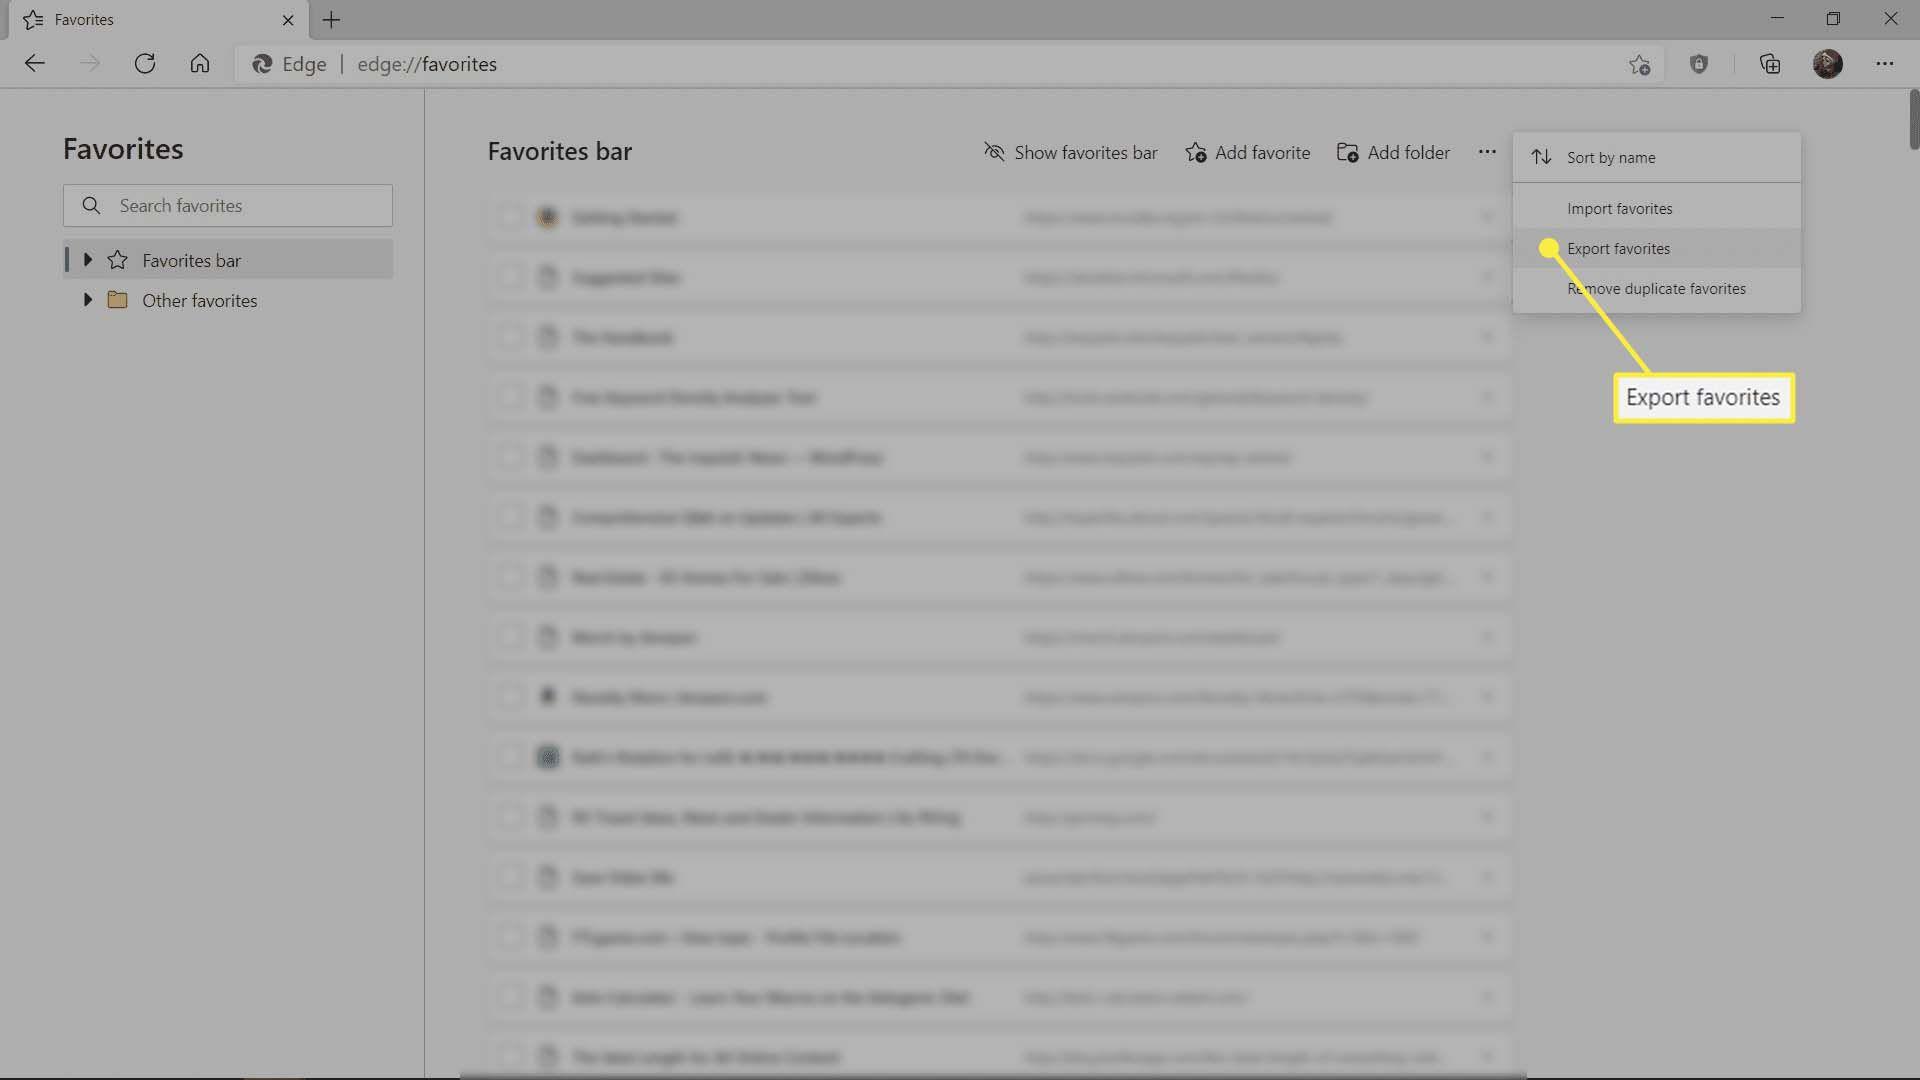 The Export favorites menu option in Microsoft Edge.